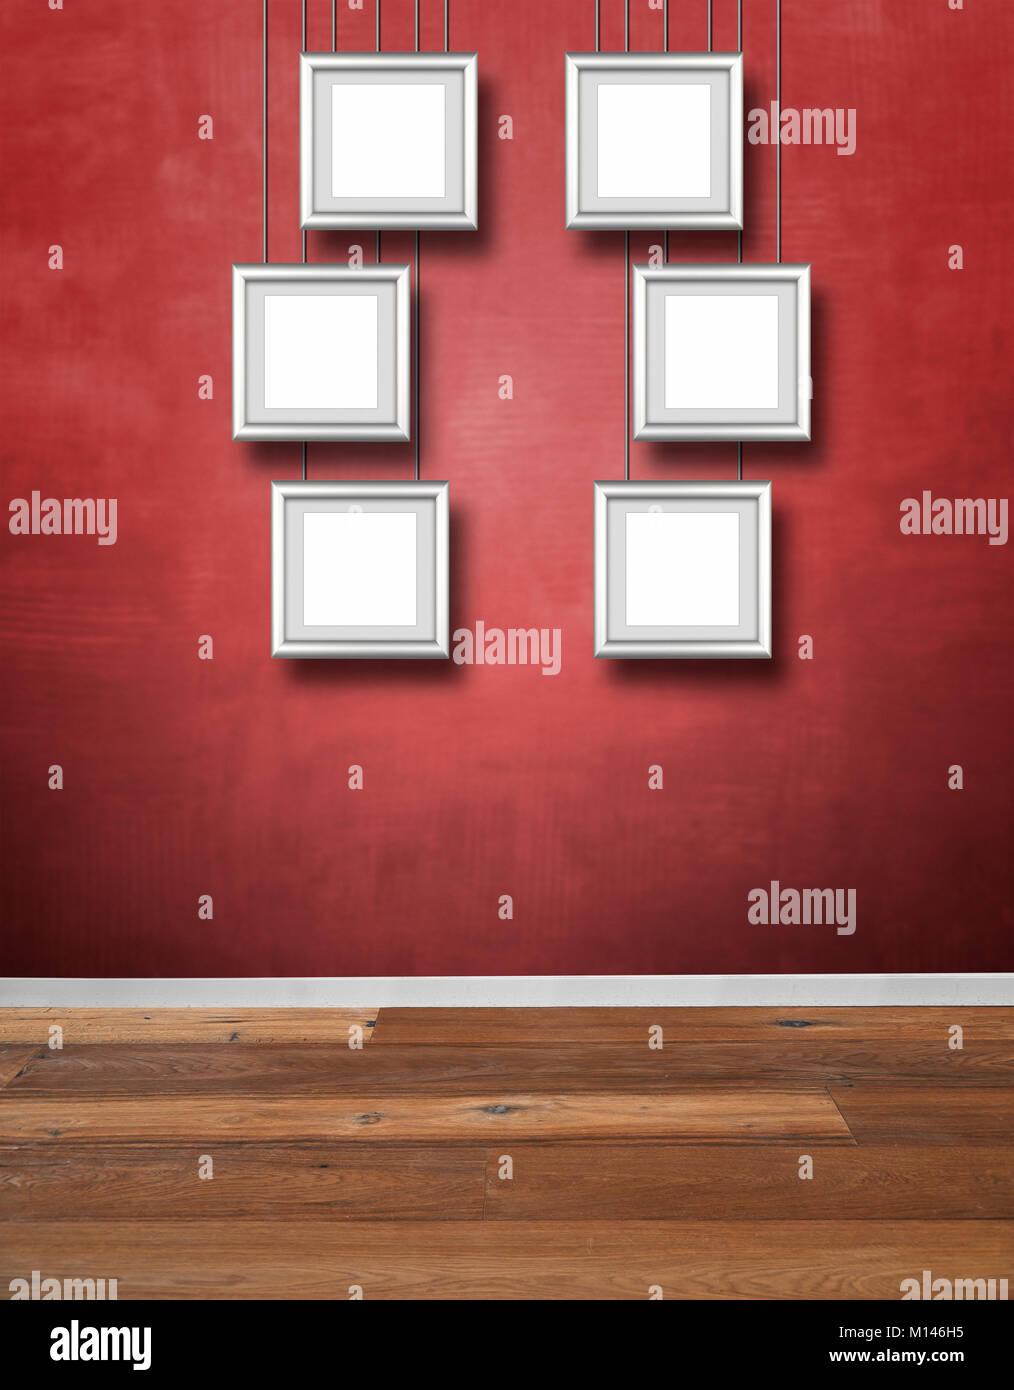 Aluminium Curtain Wall Stockfotos & Aluminium Curtain Wall Bilder ...